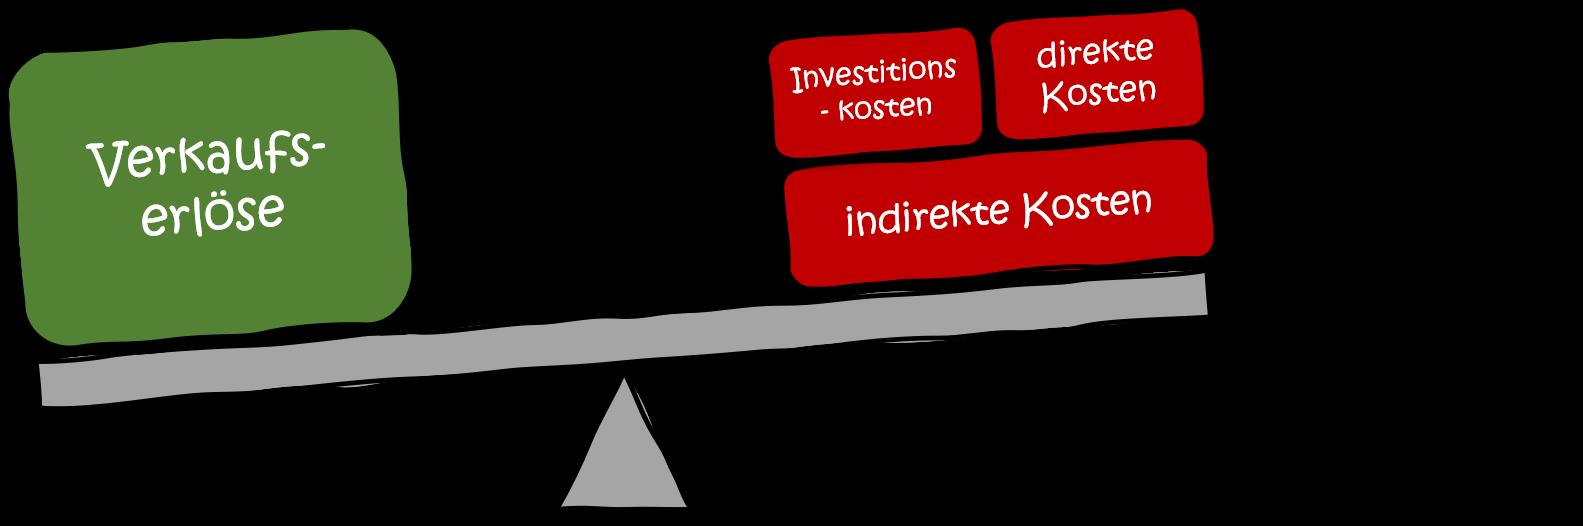 profitabilitaet-variantenmanagement-modularisierung-Waage